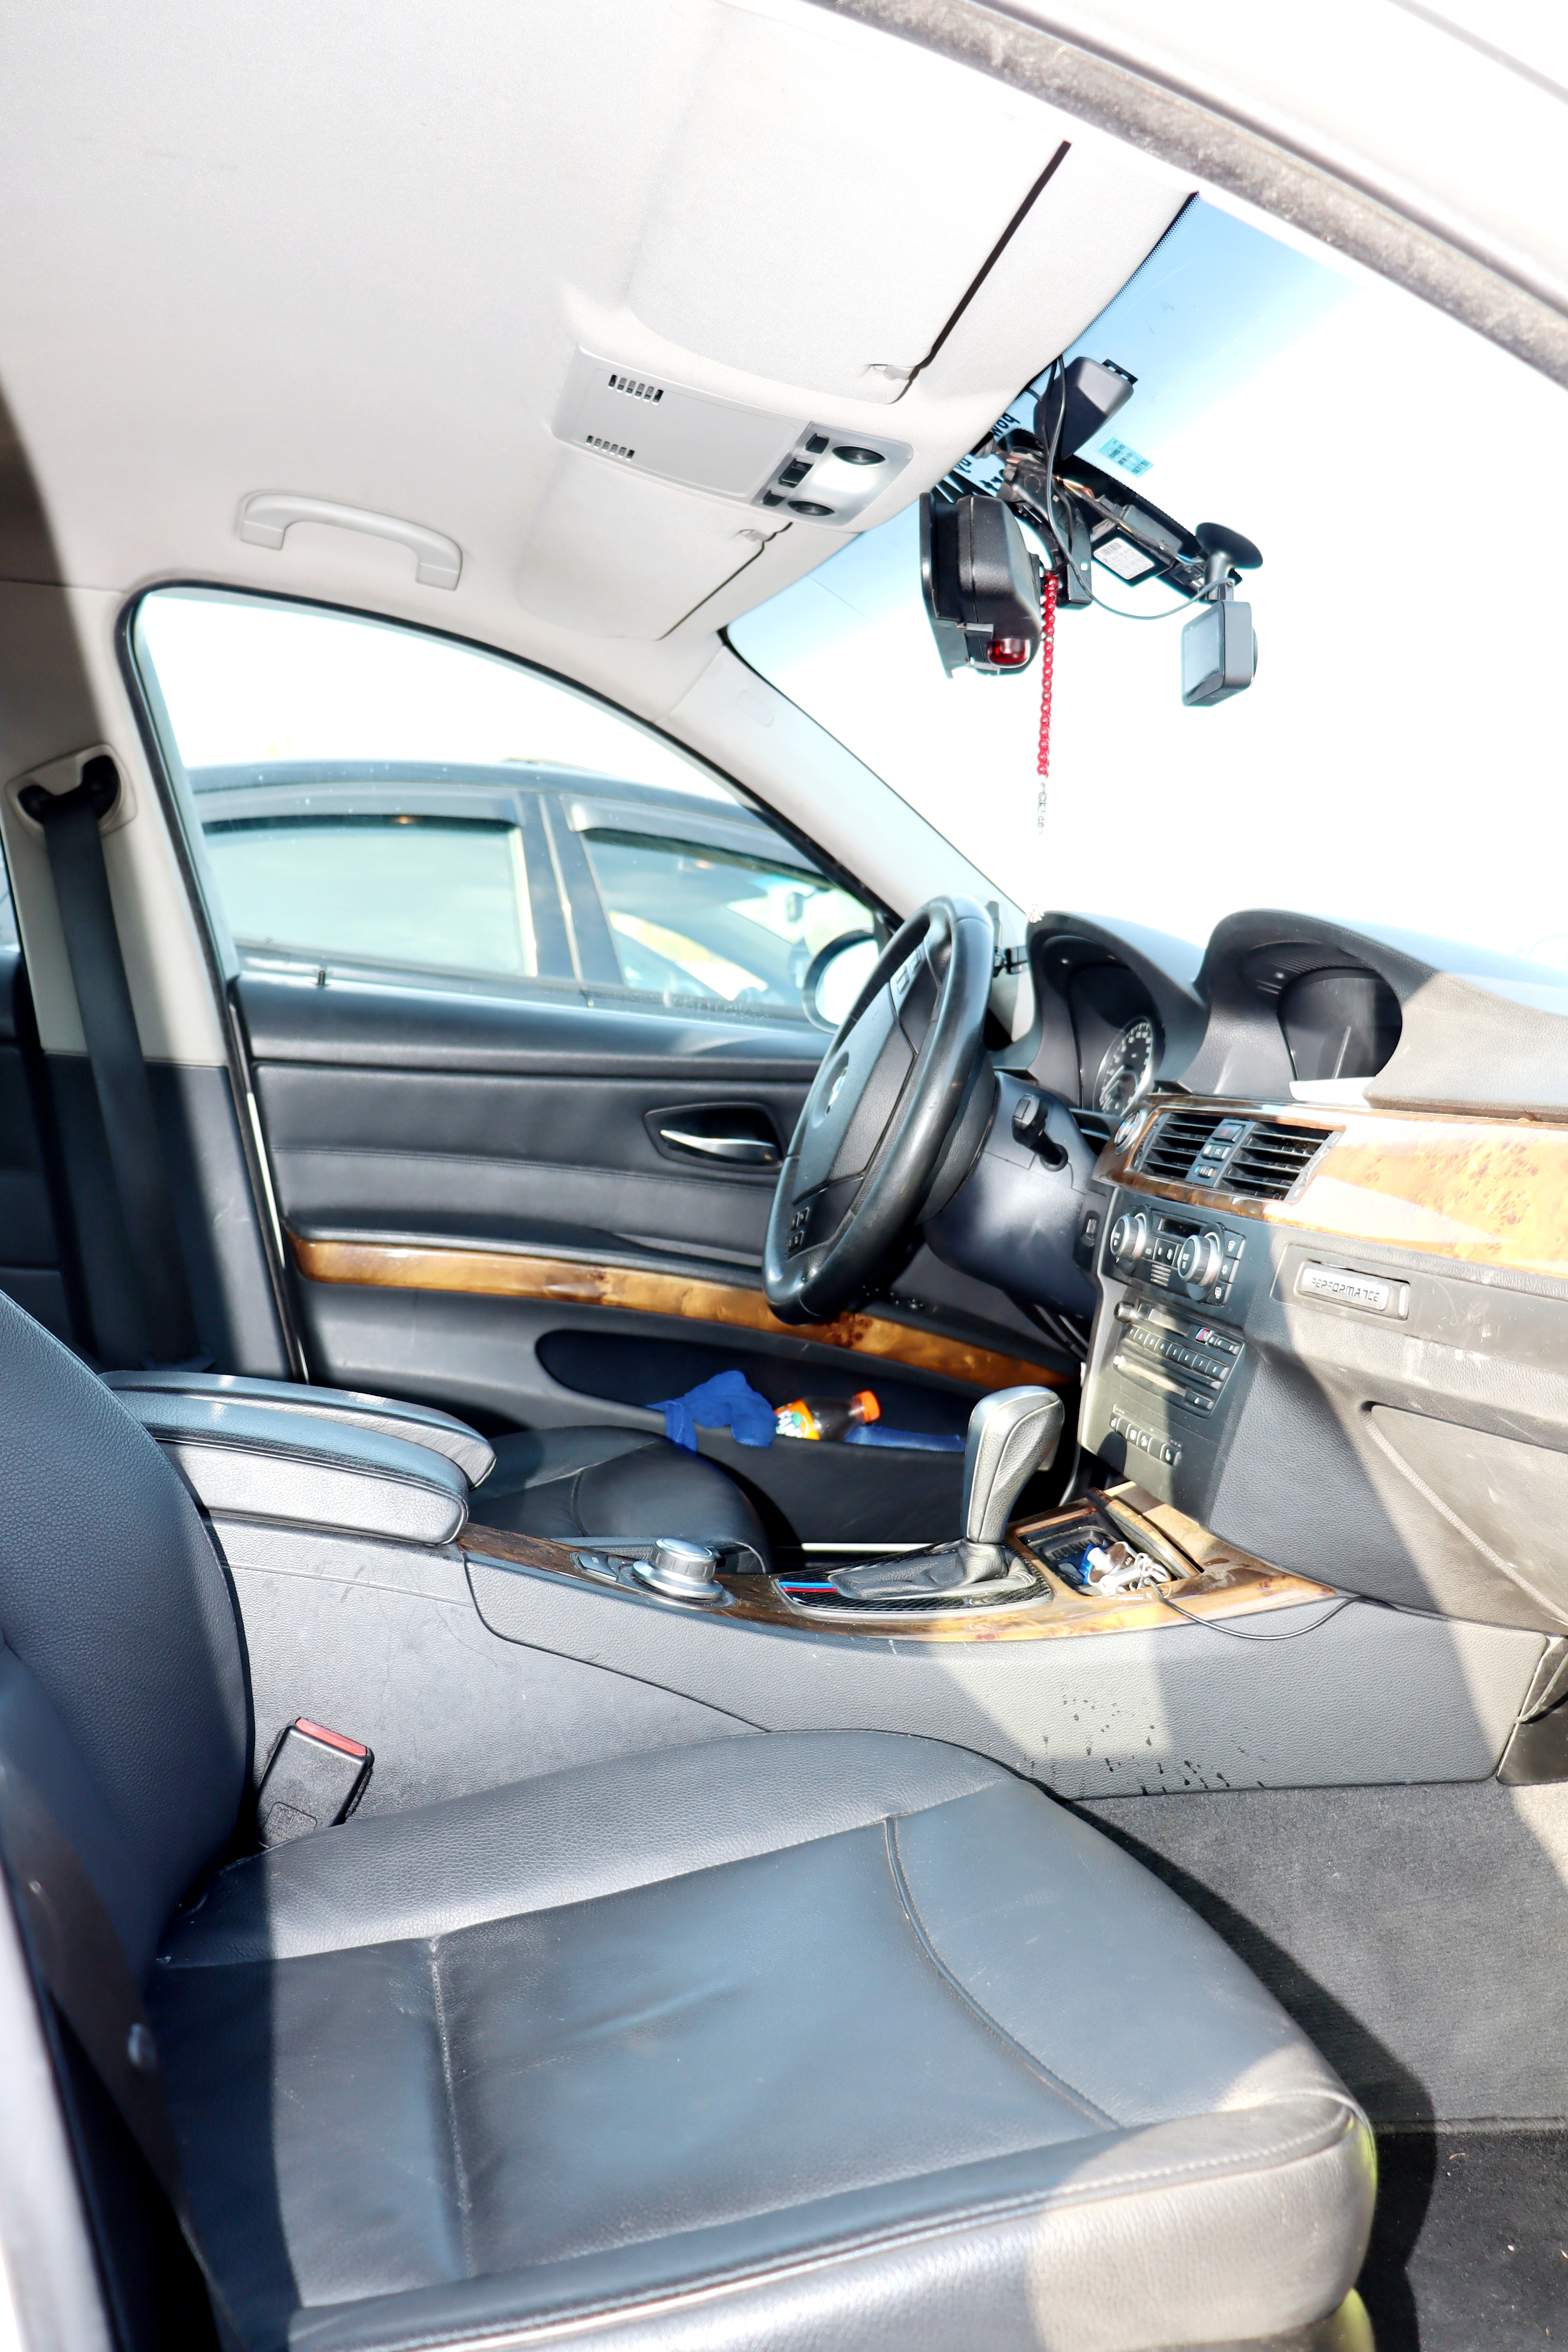 BMW 325 2.5(lt) 2008 İkinci əl  $13500